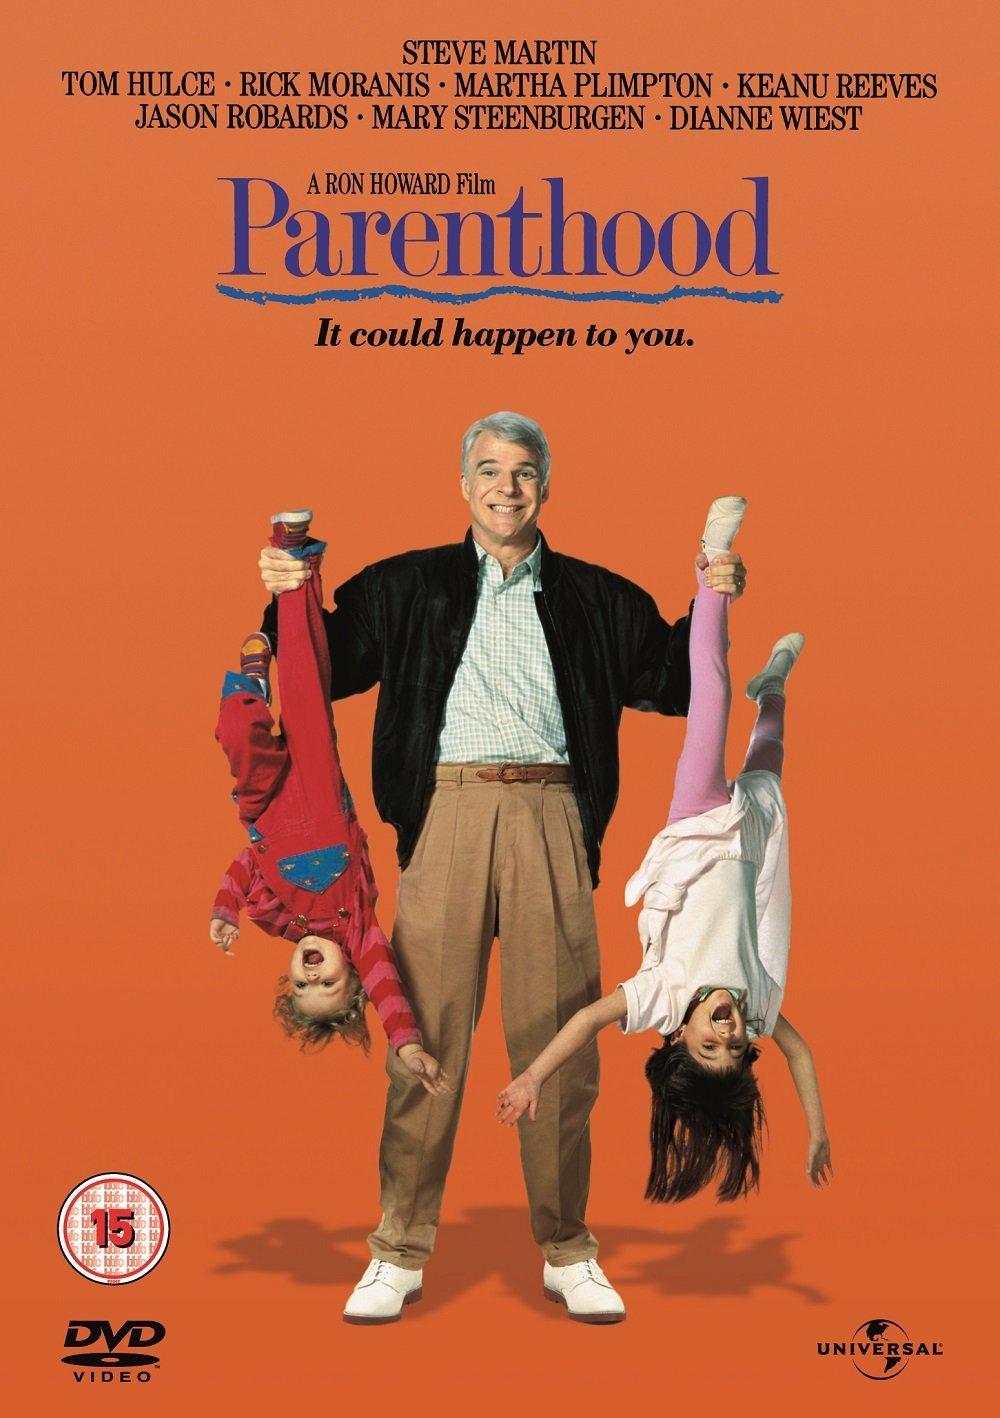 Eine Wahnsinnsfamilie [DVD]: Amazon.es: Steve Martin, Tom ...